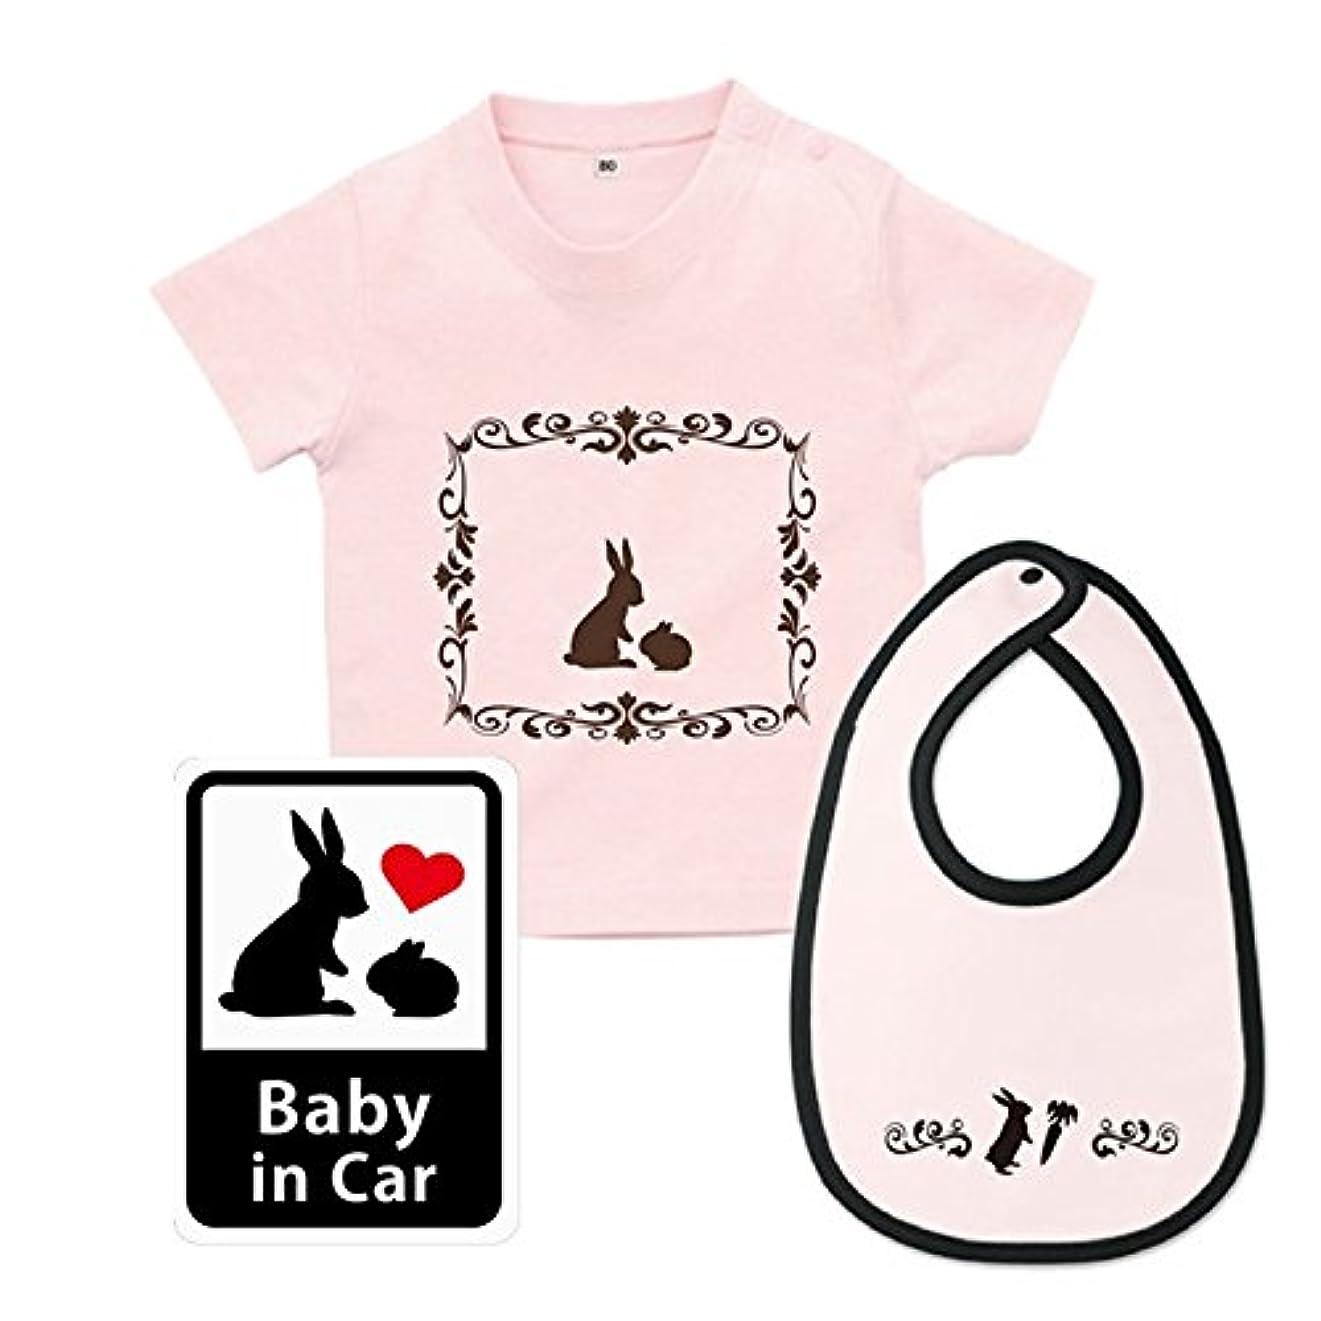 道徳百科事典失望させるうさぎモチーフの赤ちゃんお祝いギフトセット Design by CraftBunny (ライトピンク)